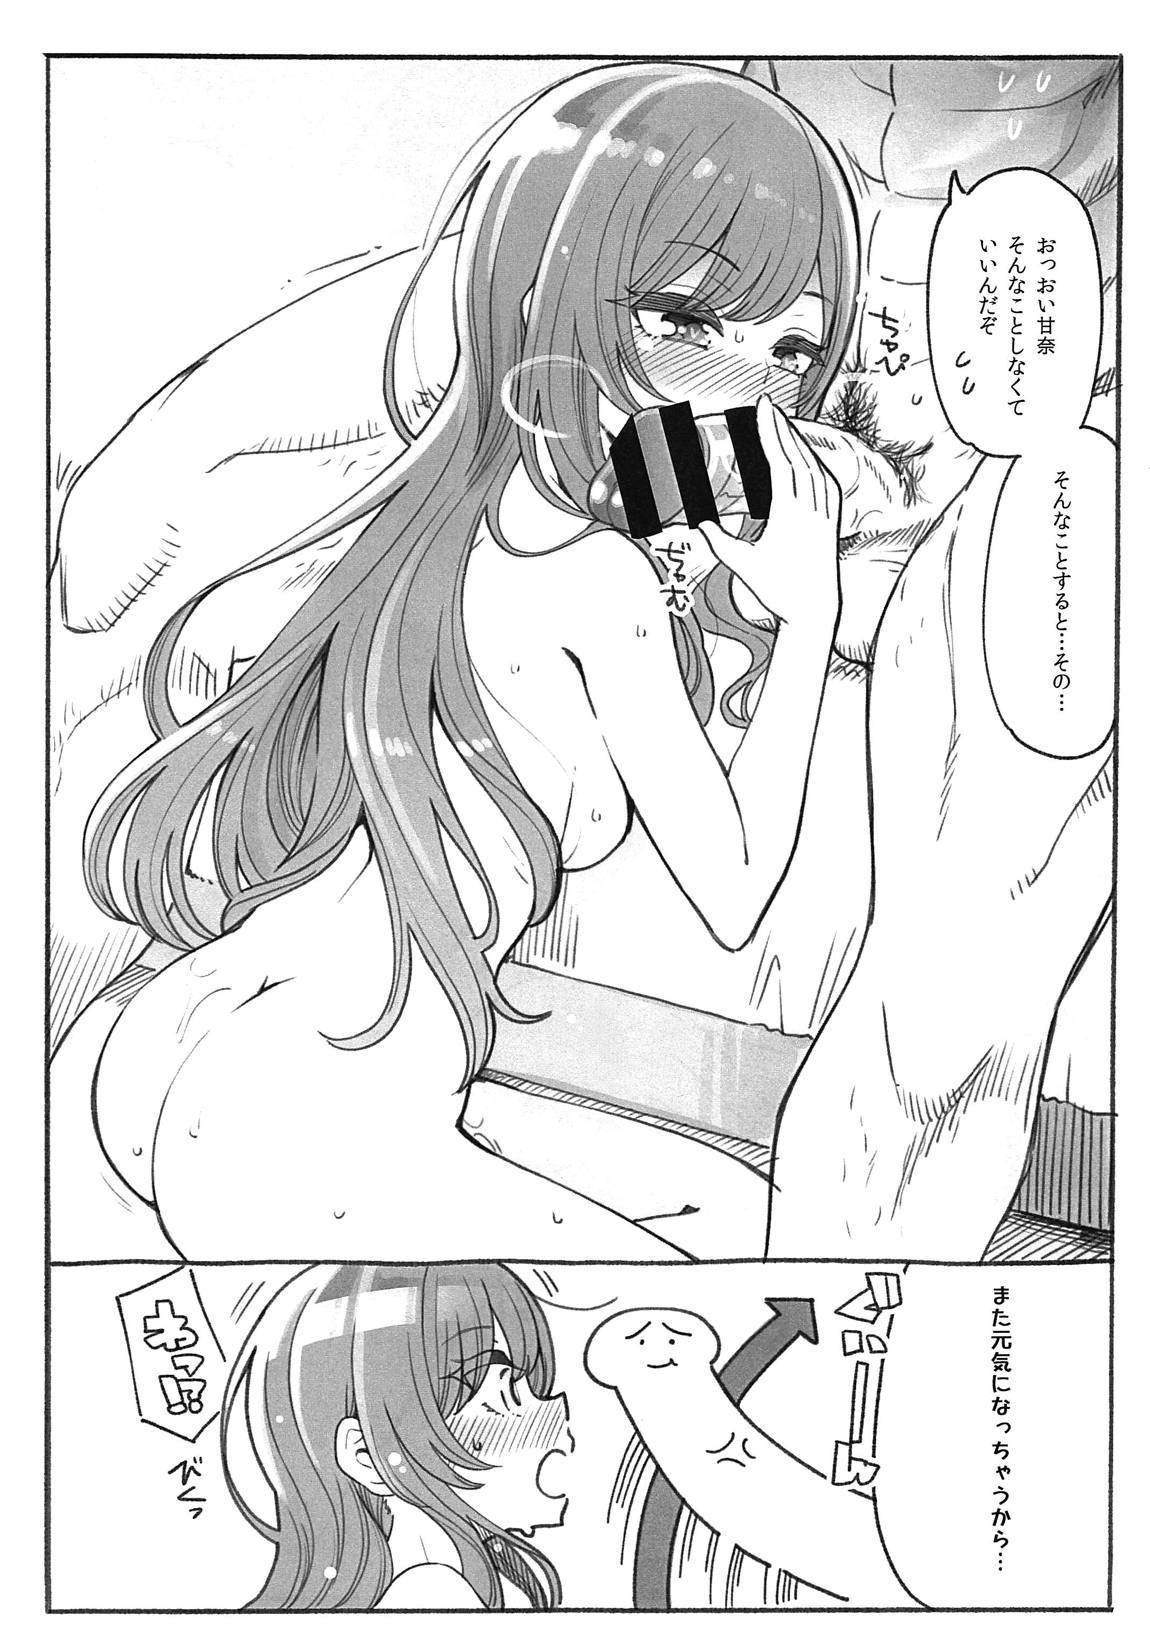 Amana to Shizuka na Tokoro de Yukkuri Suru Hon 4